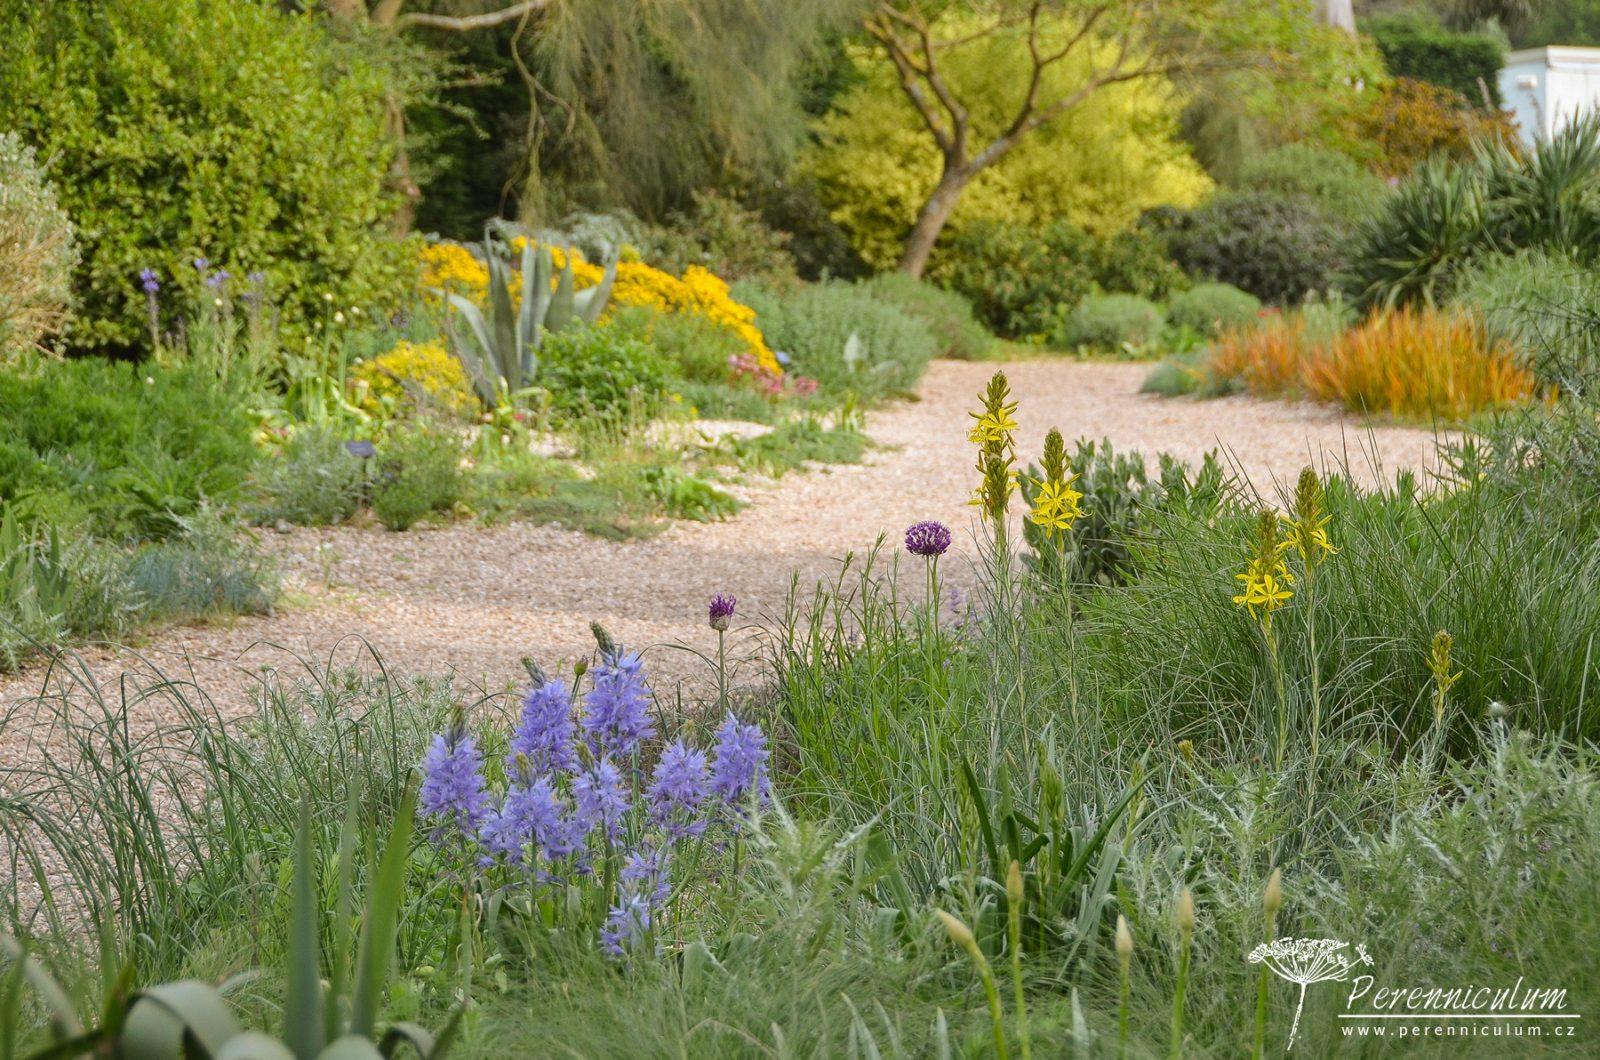 V květnu se Štěrková zahrada teprve probouzela kvetla asfodelka žlutá (<em>Asphodeline lutea</em>), okrasné česneky (<em>Allium</em>) a nebo modré <em>Camassia</em>.